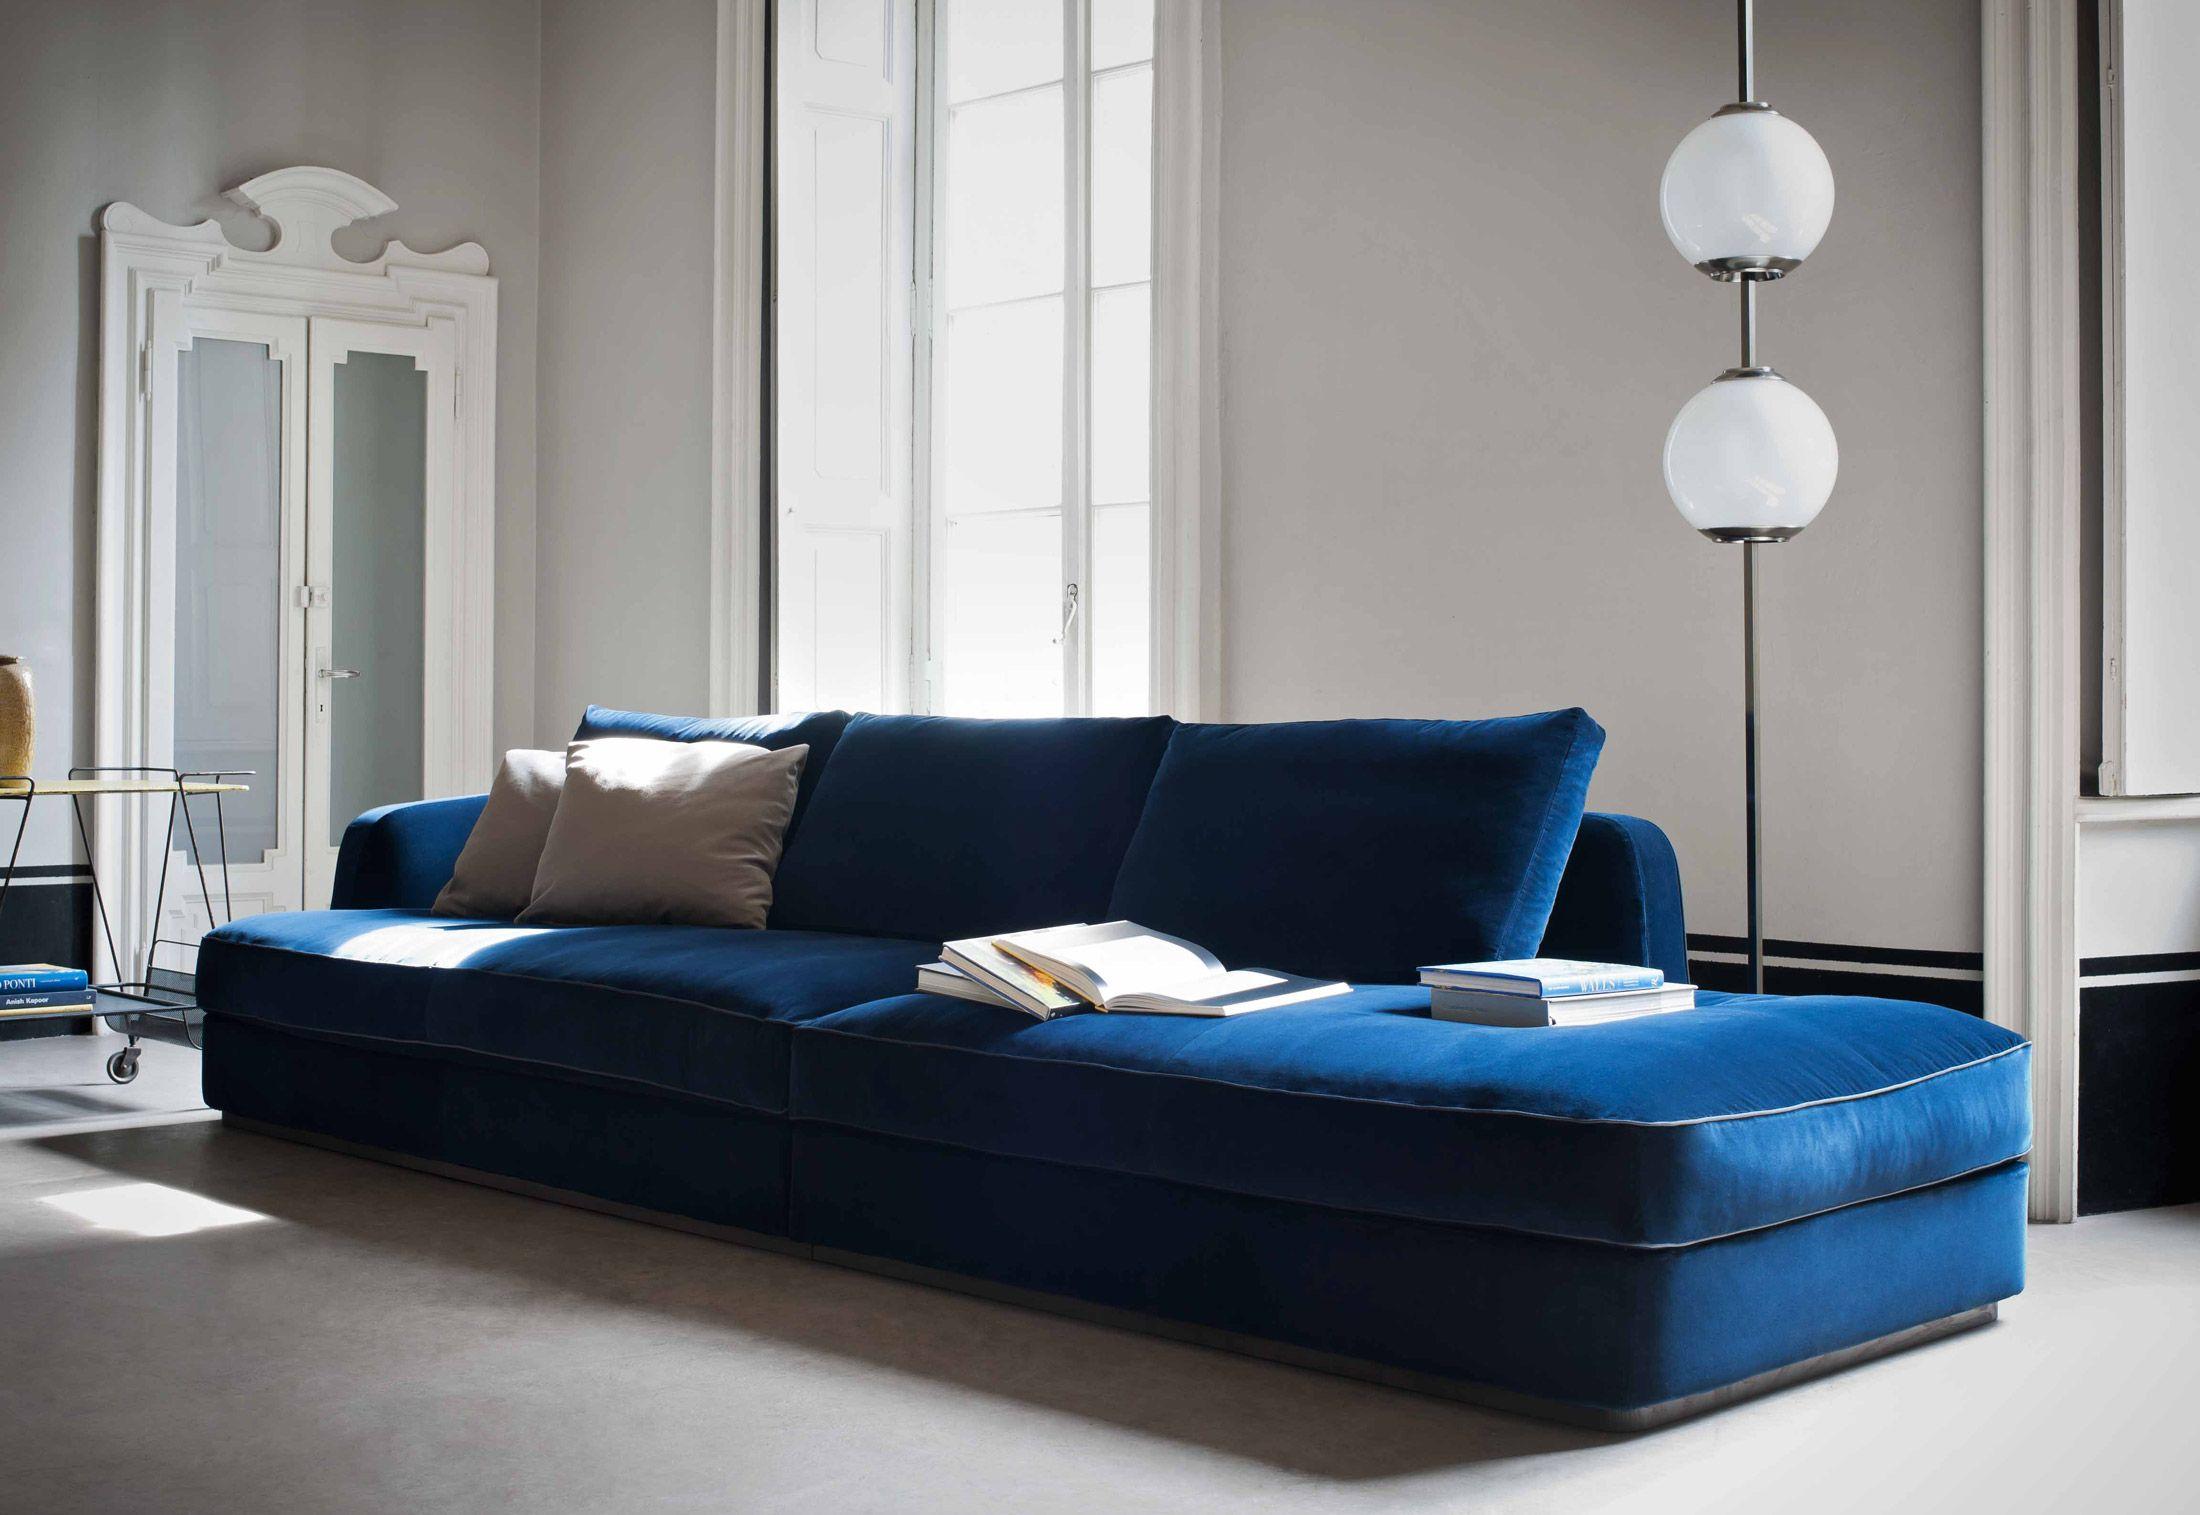 Barret-Ecksofa Flexform Sofa from Stylepark.com | Sofa\'s | Pinterest ...